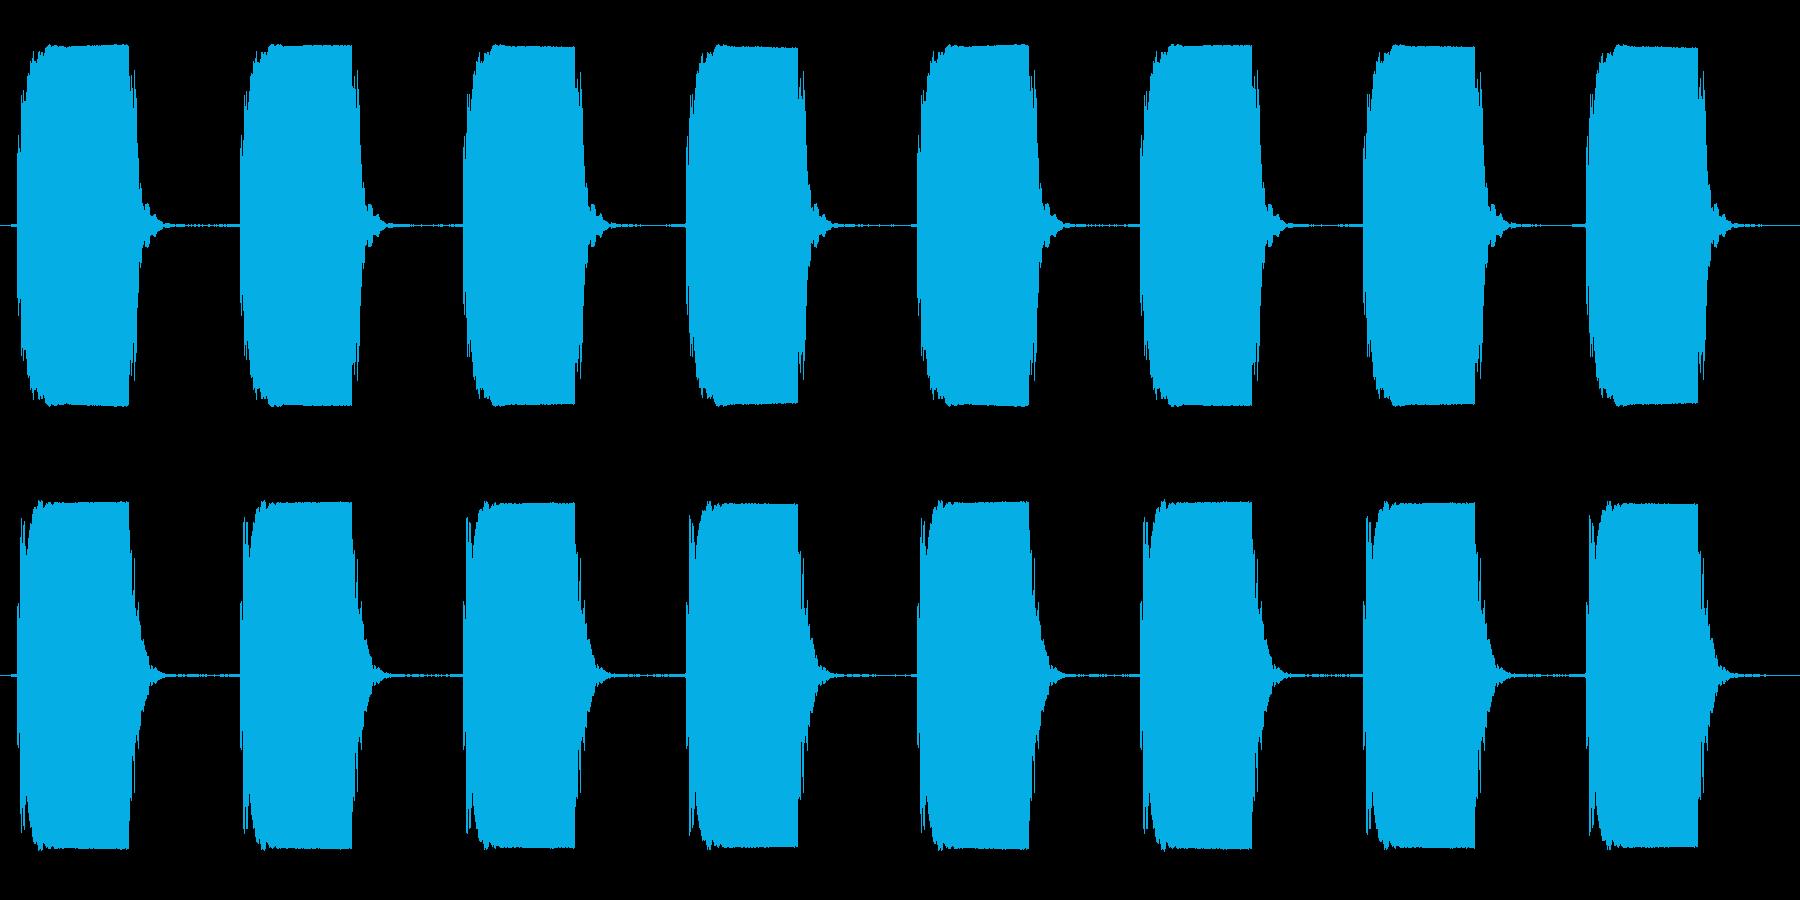 ピーピー☆洗濯機の終了ブザー ロングの再生済みの波形